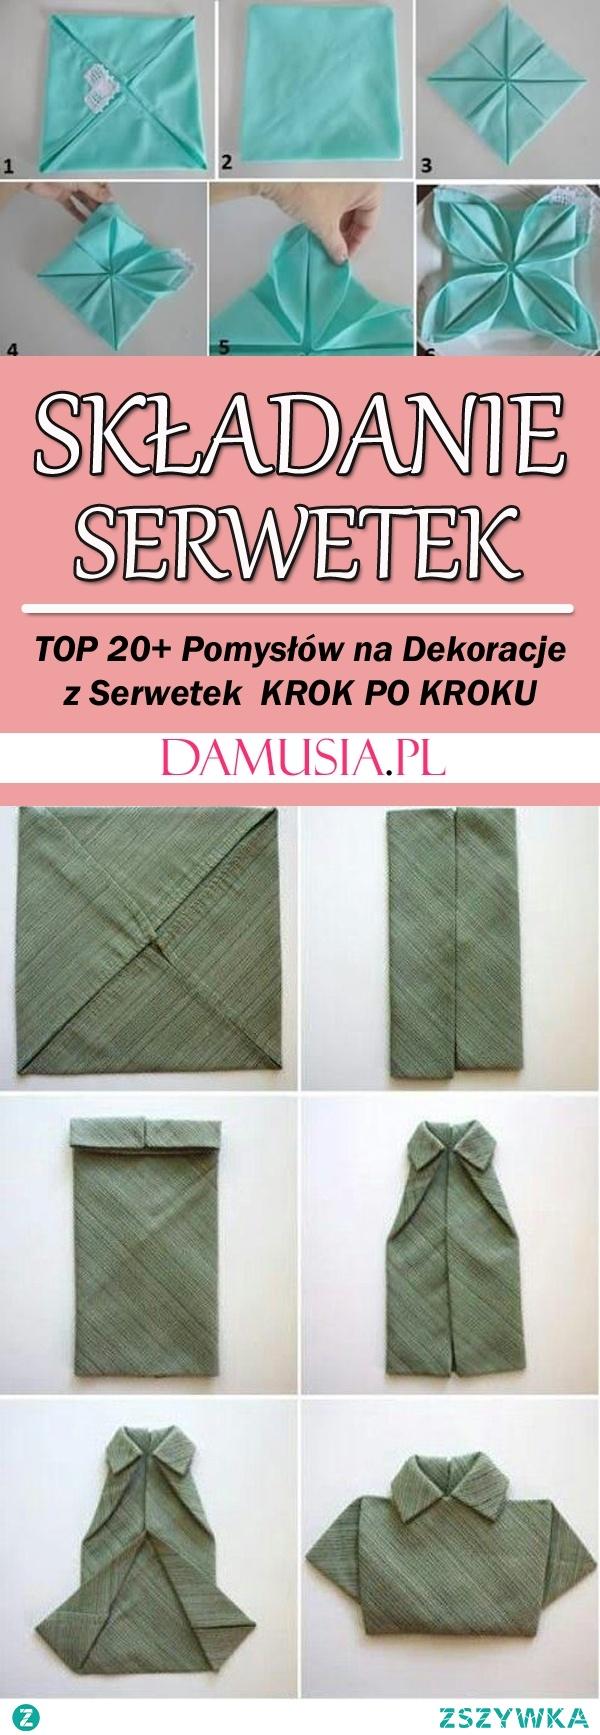 Składanie Serwetek – TOP 20+ Pomysłów i Inspiracji na Ciekawe Dekoracje z Serwetek Krok po Kroku